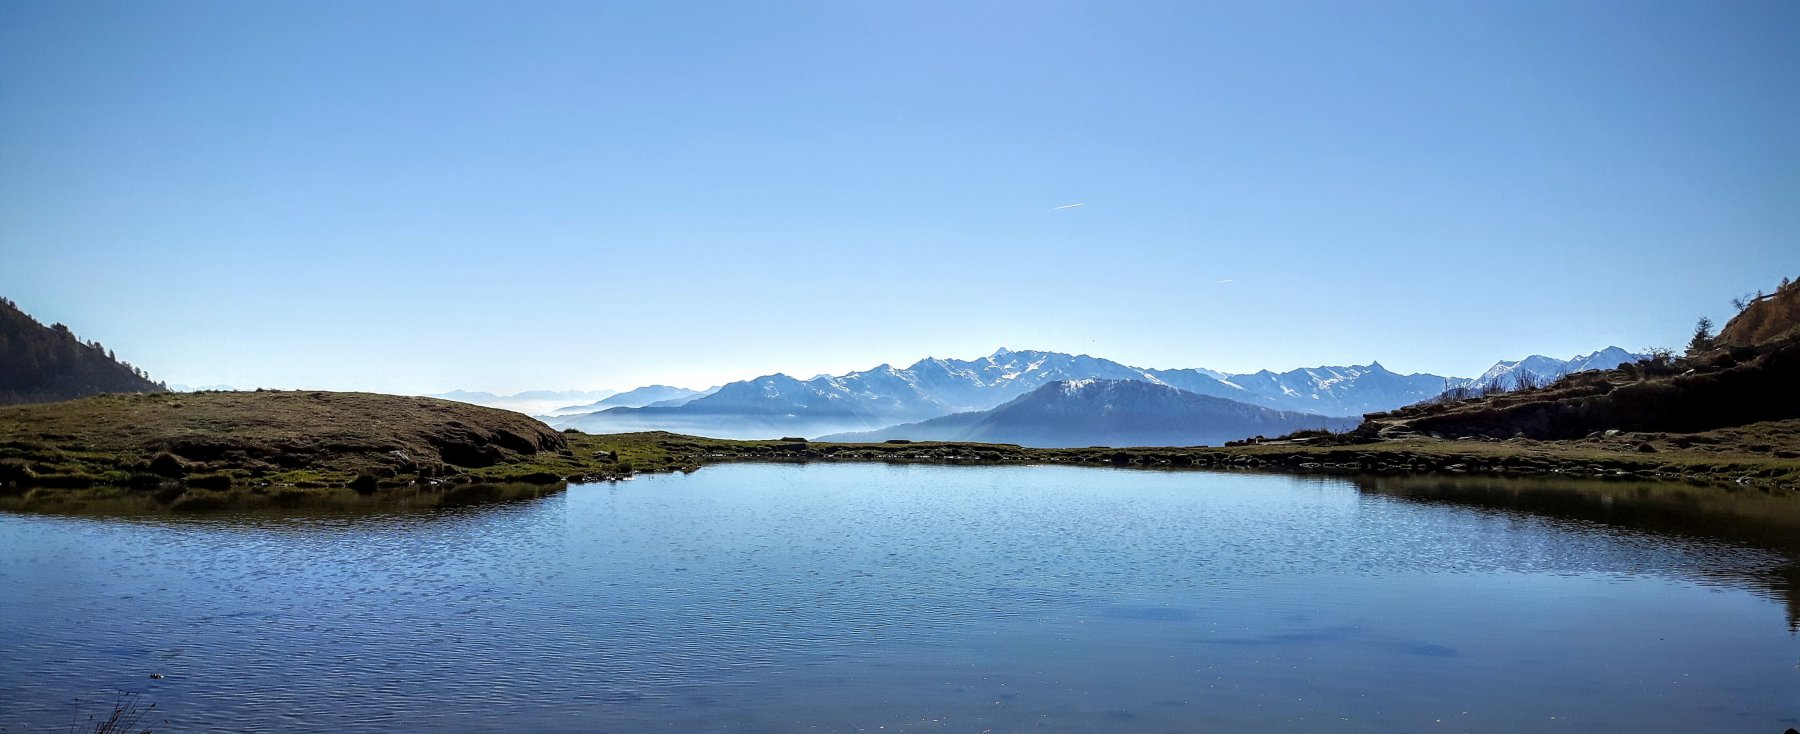 lago nei pressi di rifugio selleries